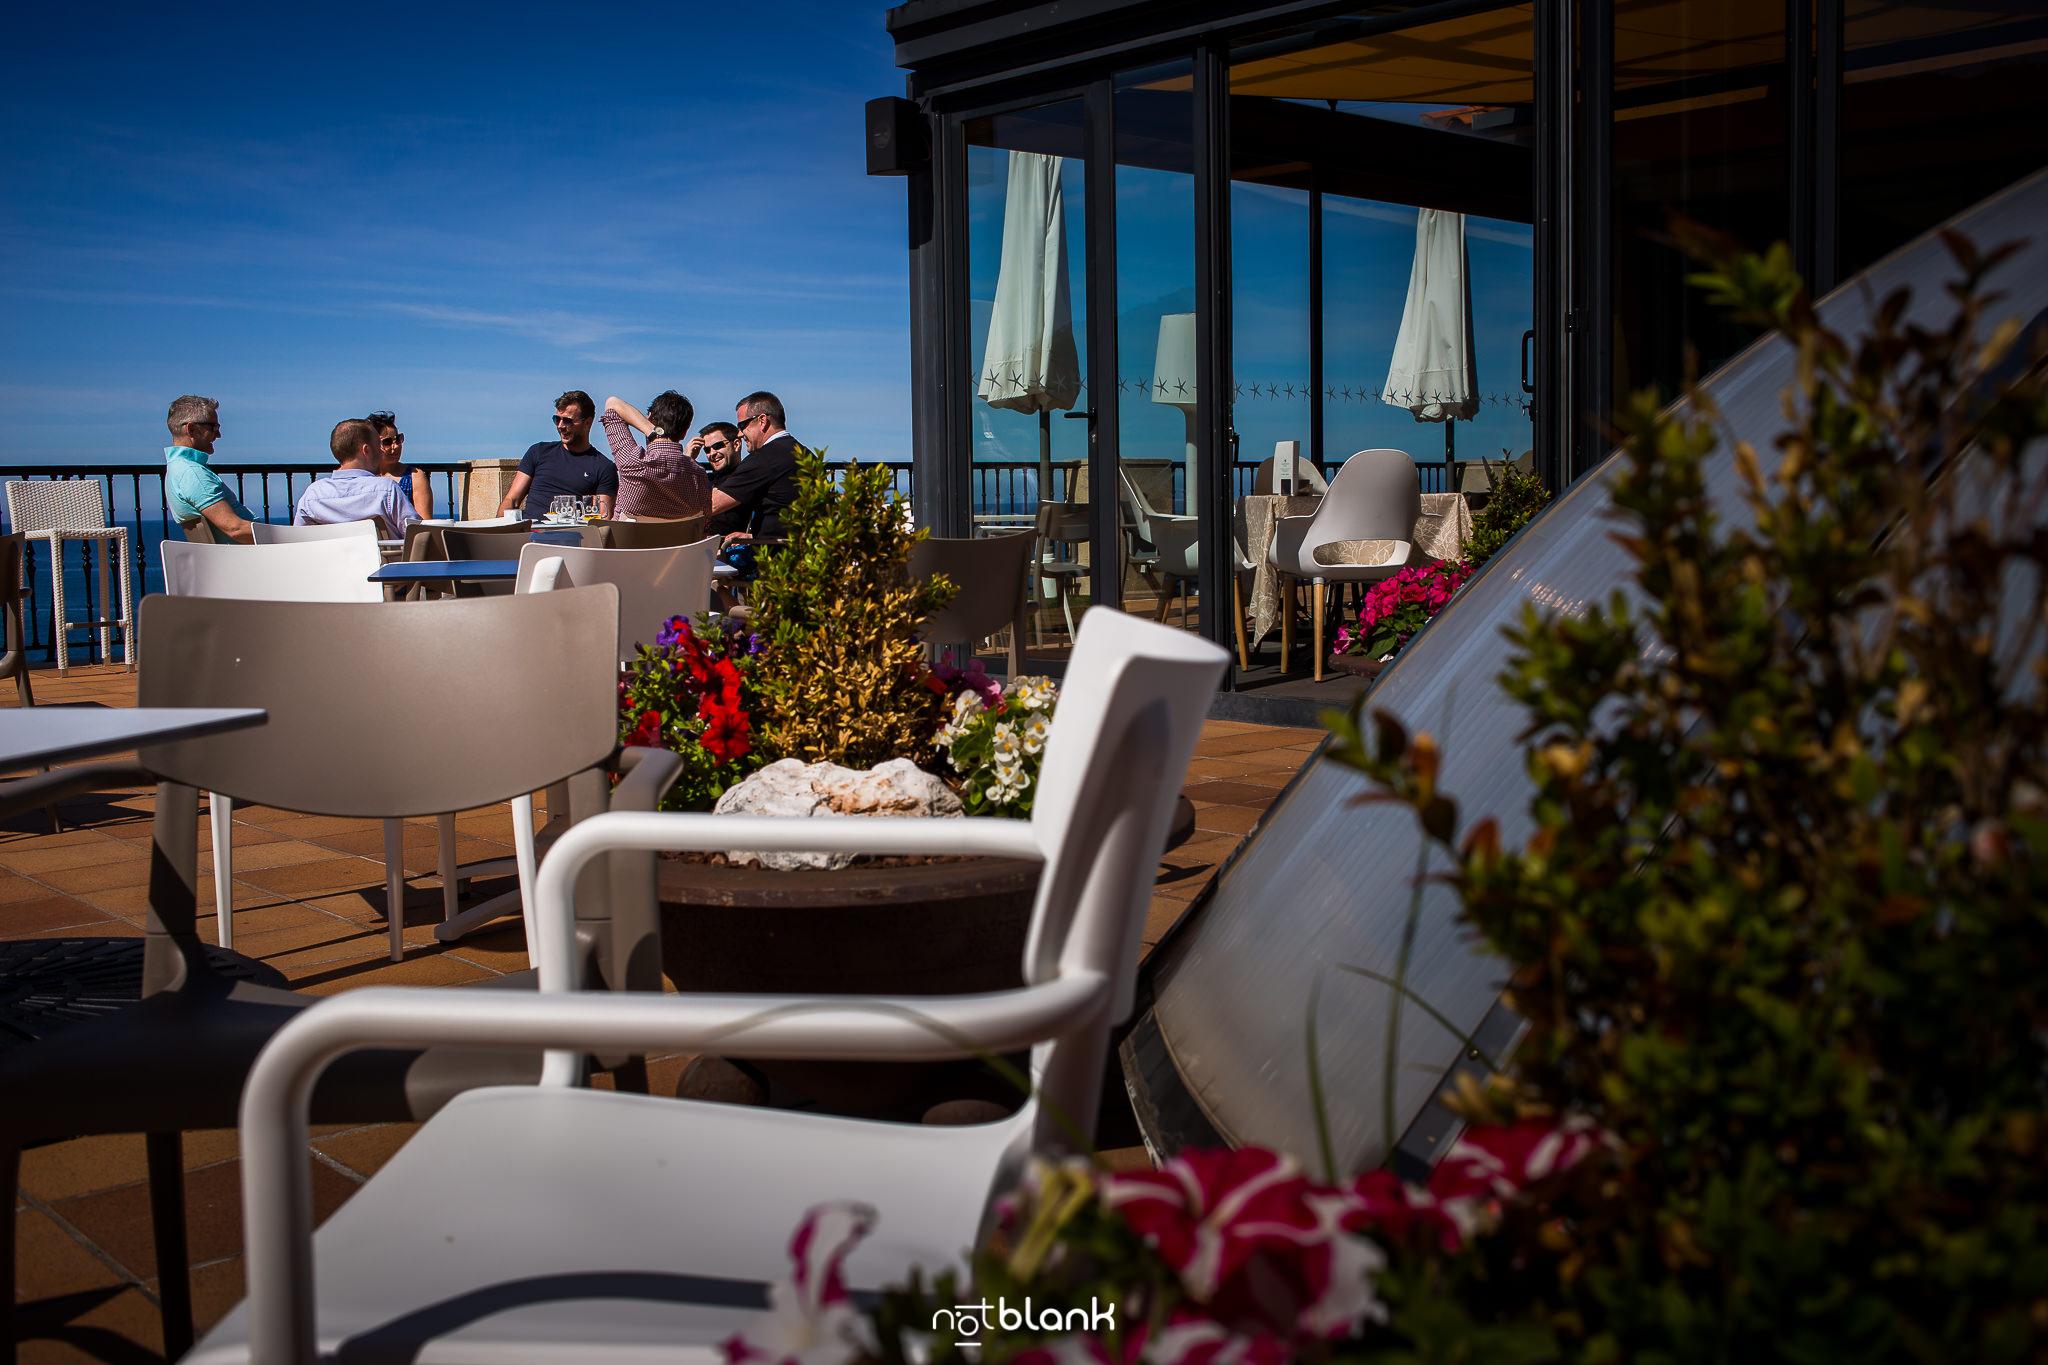 Boda-Maite-David-Terraza-Hotel-Talaso-Atlantico. Reportaje realizado por Notblank fotógrafos de boda